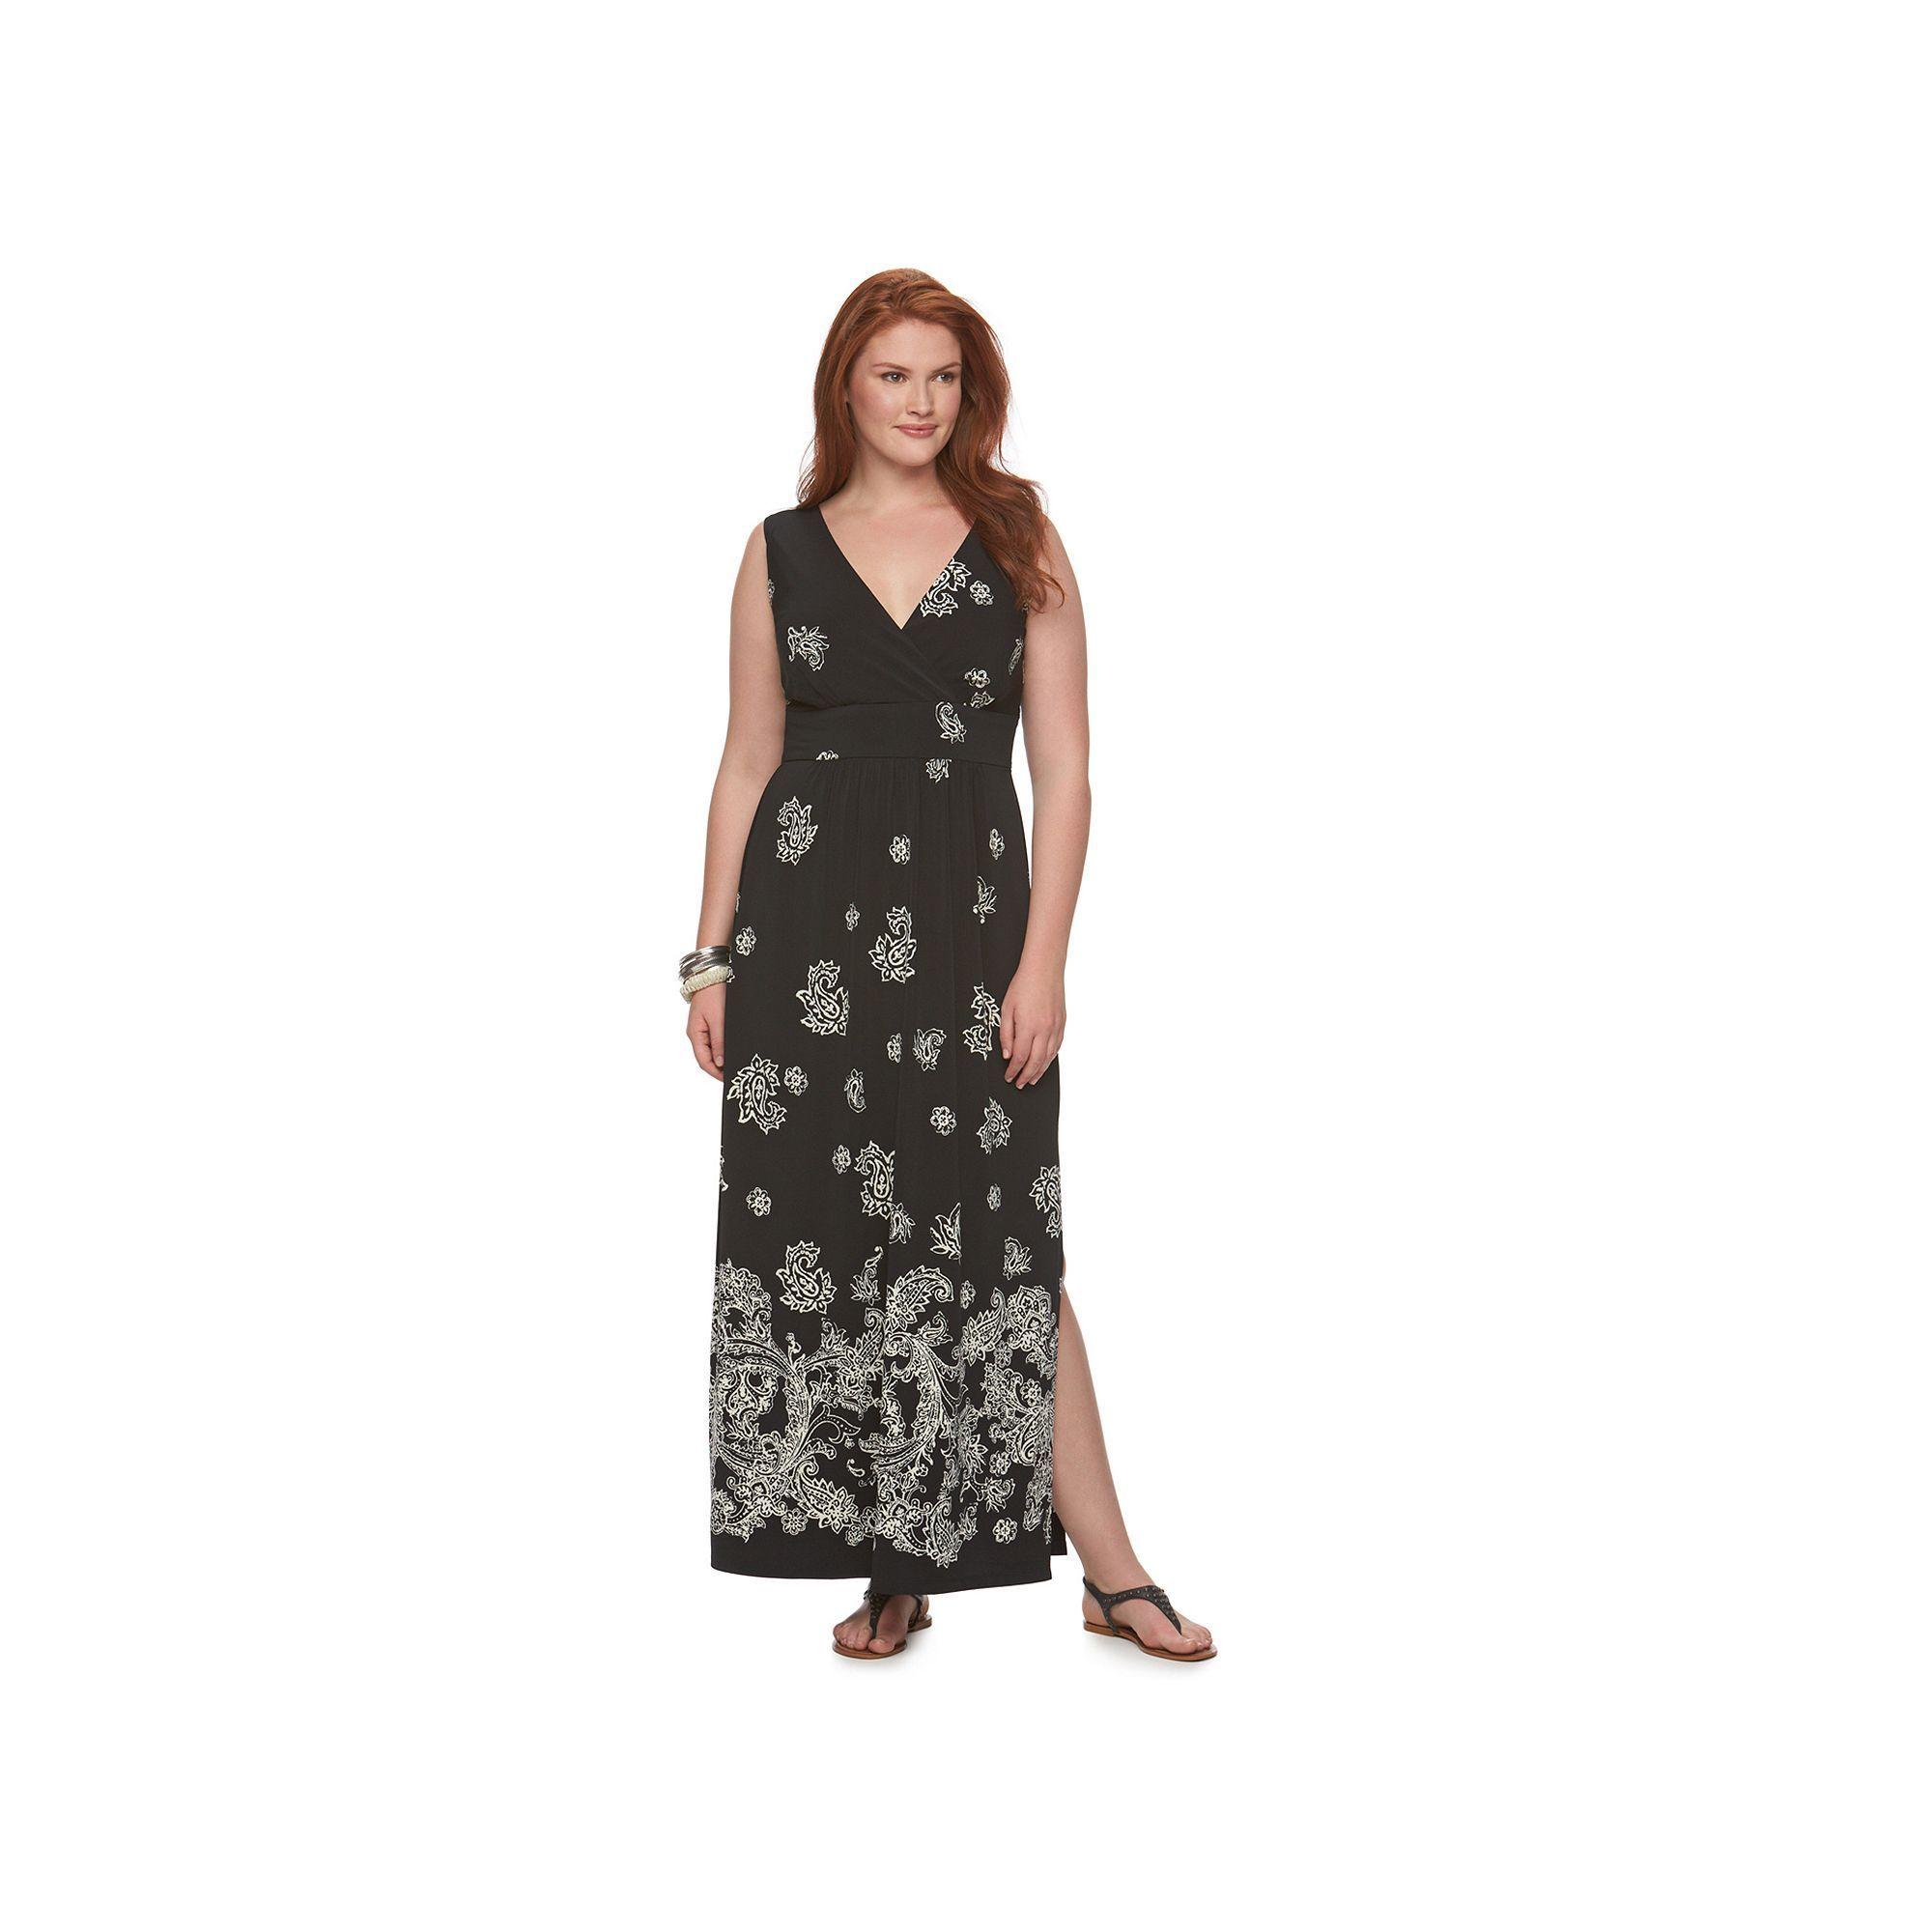 Chaps Plus Size Dresses At Kohls